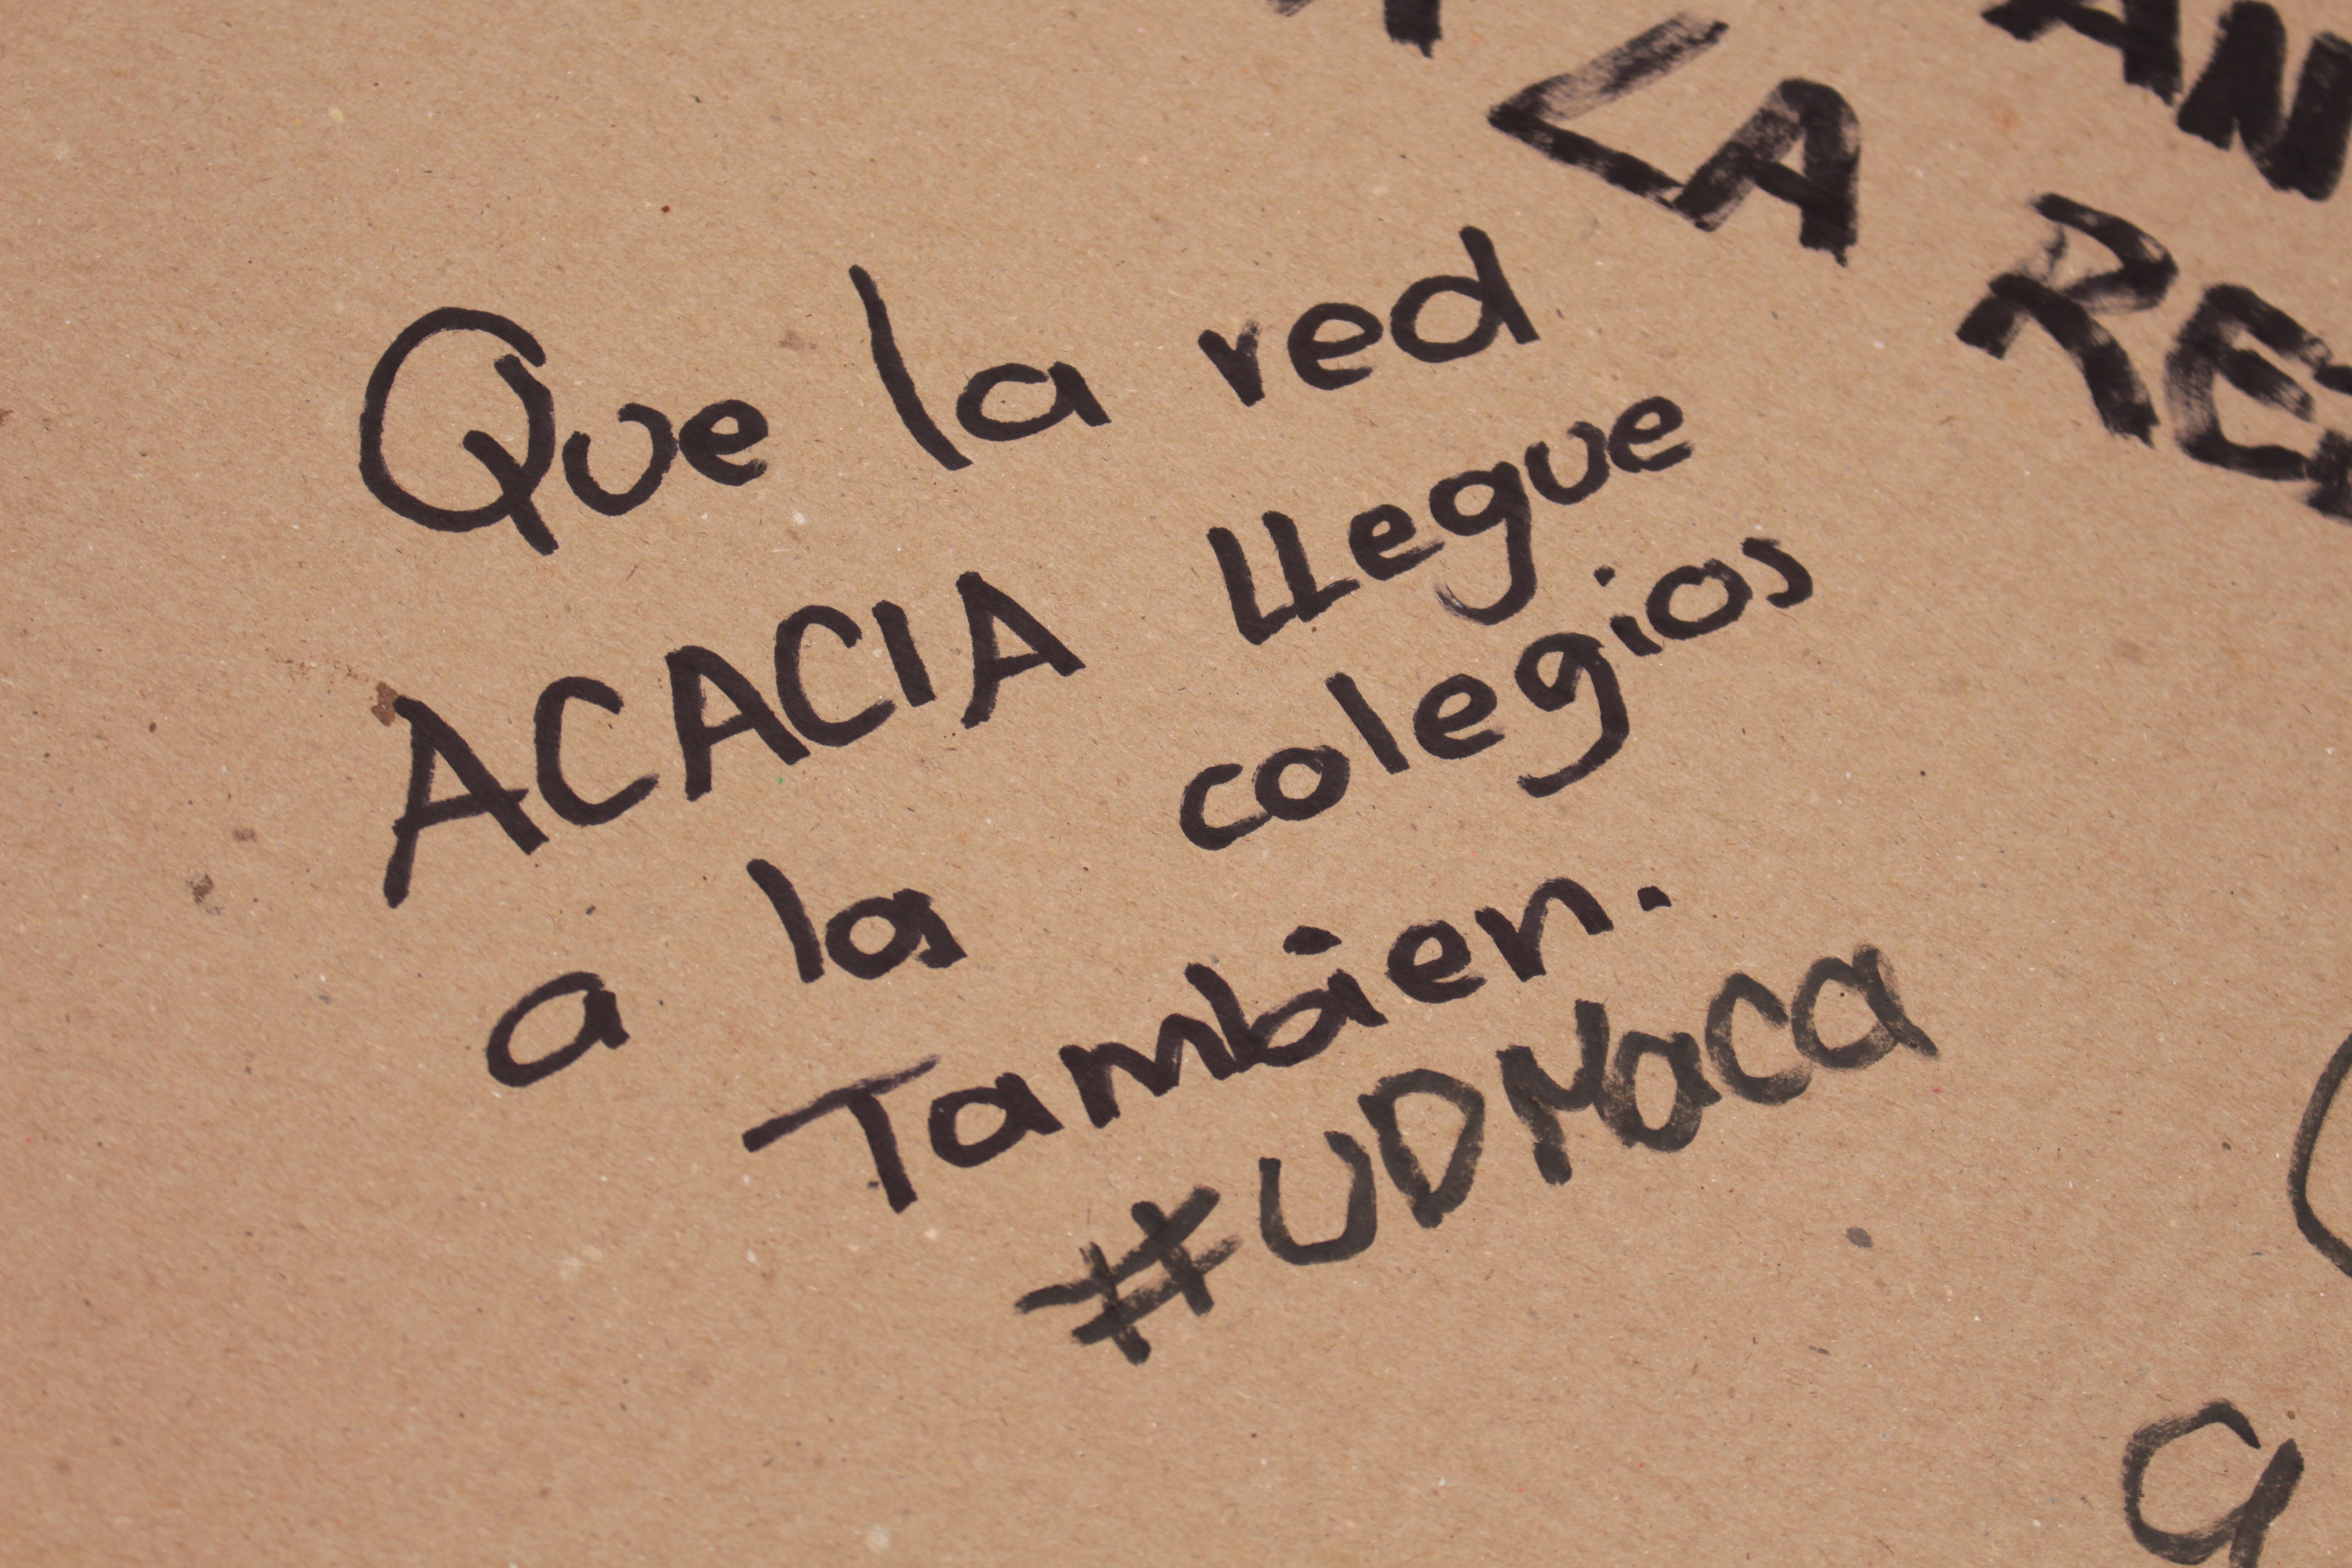 Que la Red Acacia llegue a los colegios también #UDMaca